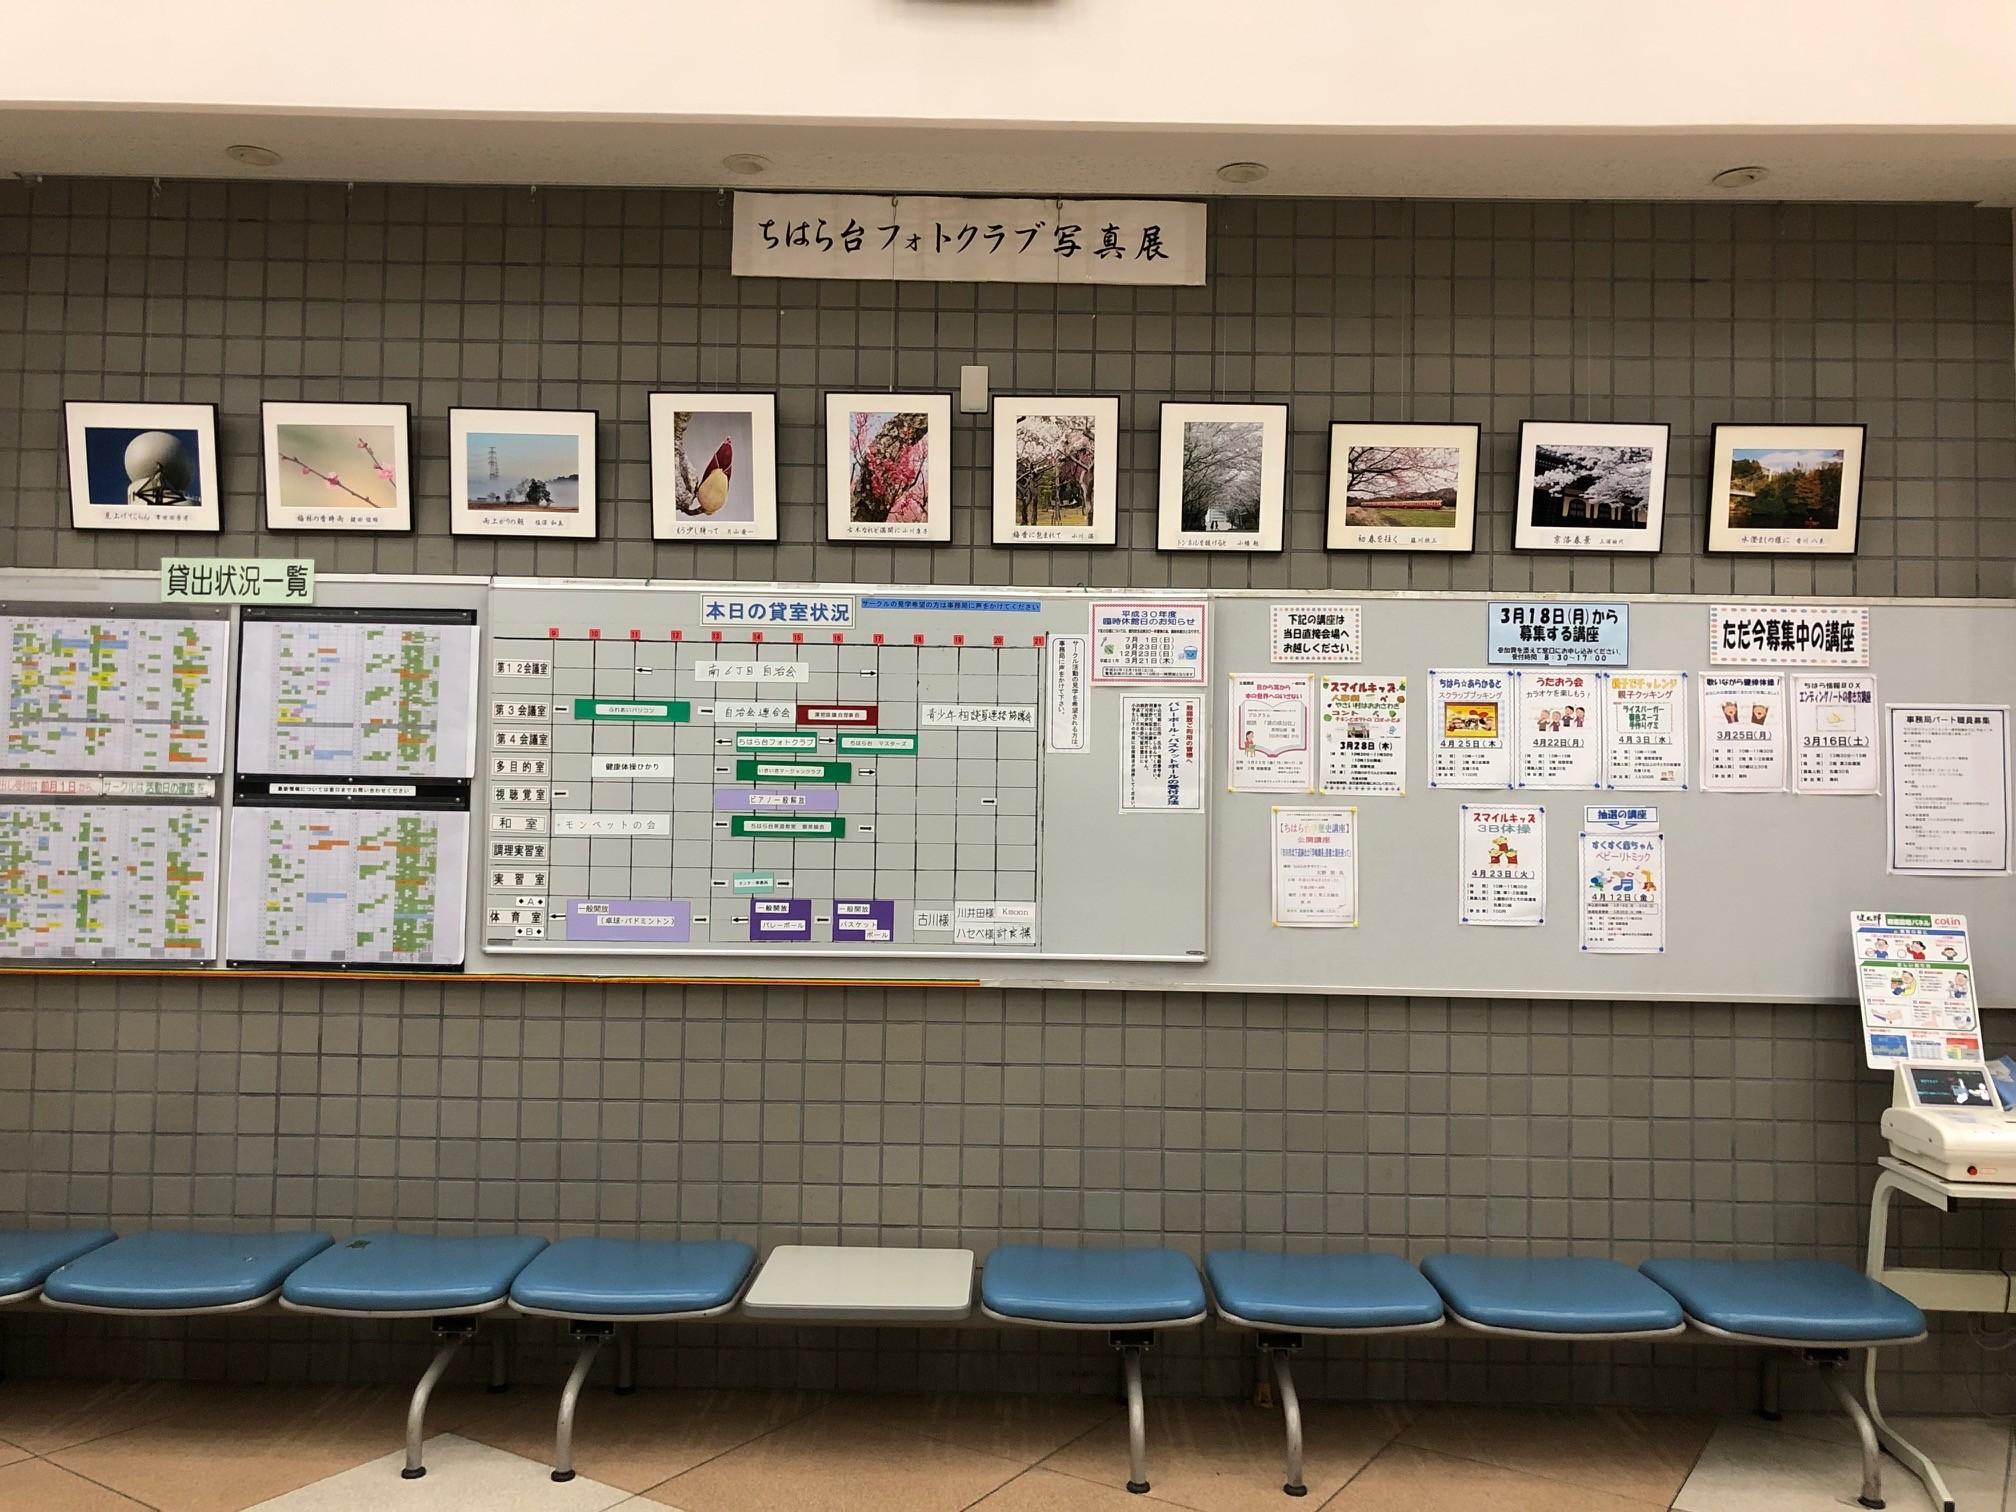 ちはら台コミュニティセンターで写真展示 3月